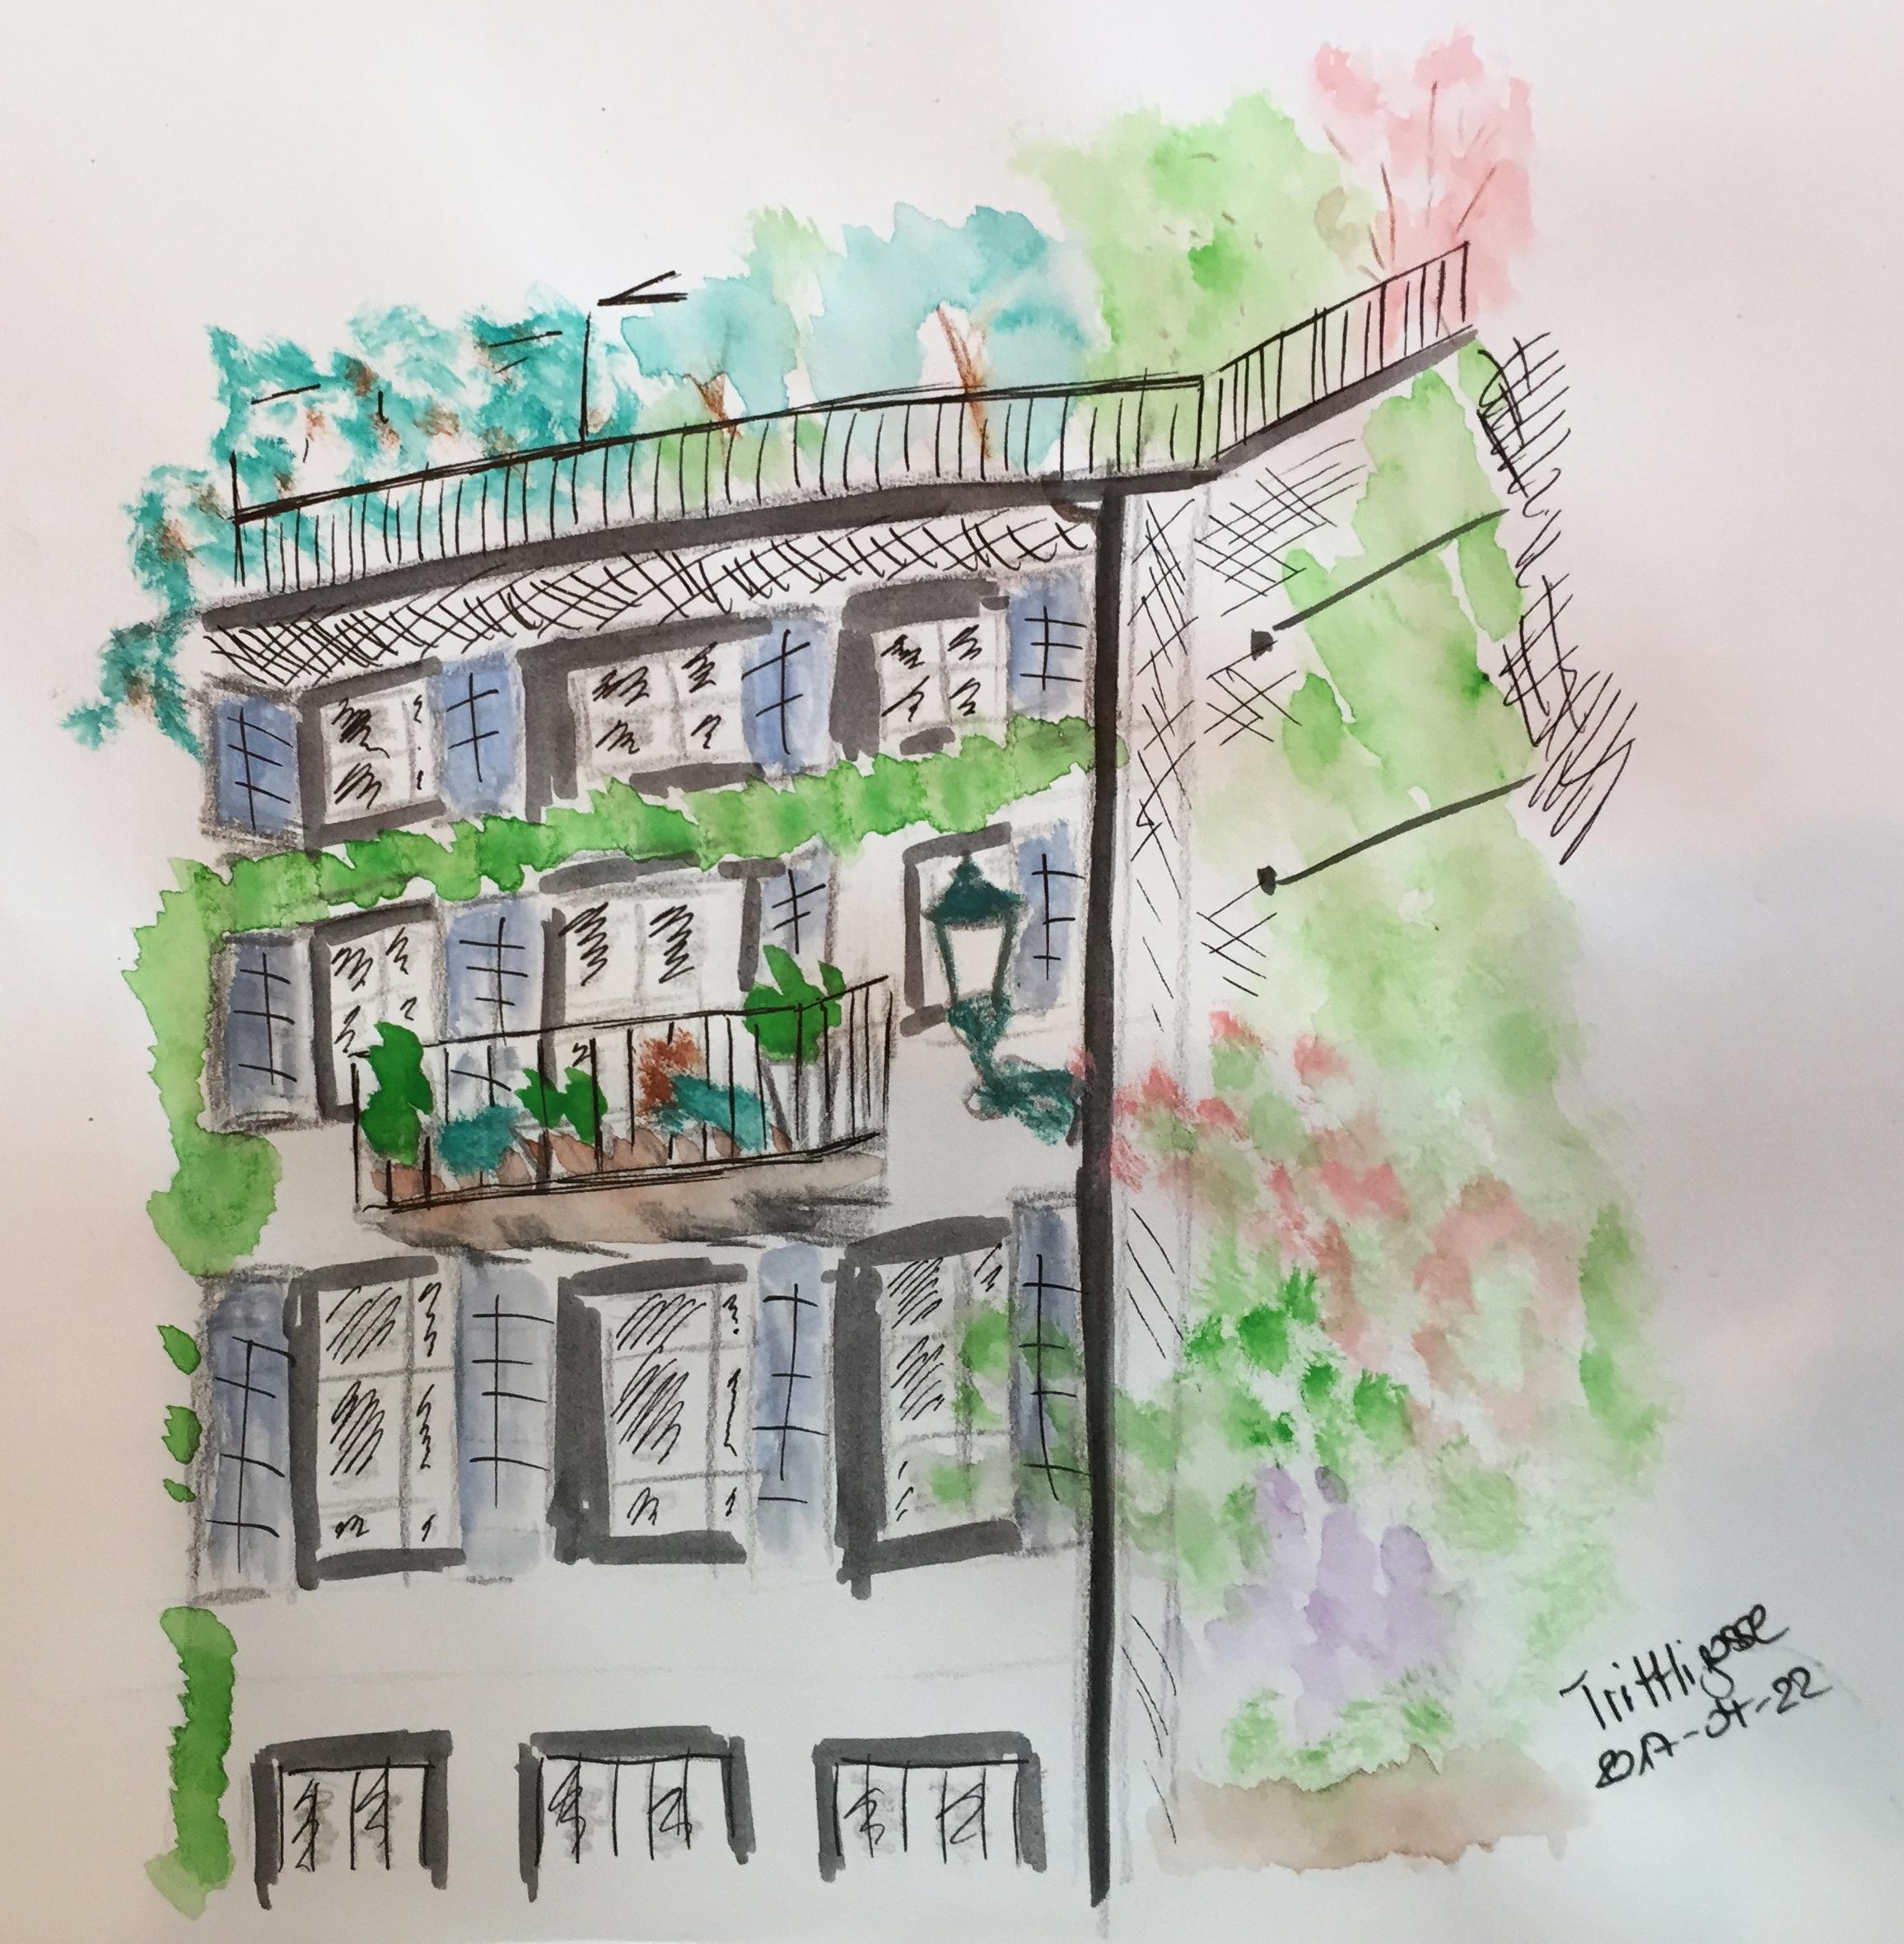 Trittligasse, Kursteilnehmerin Urban Sketching, 2017